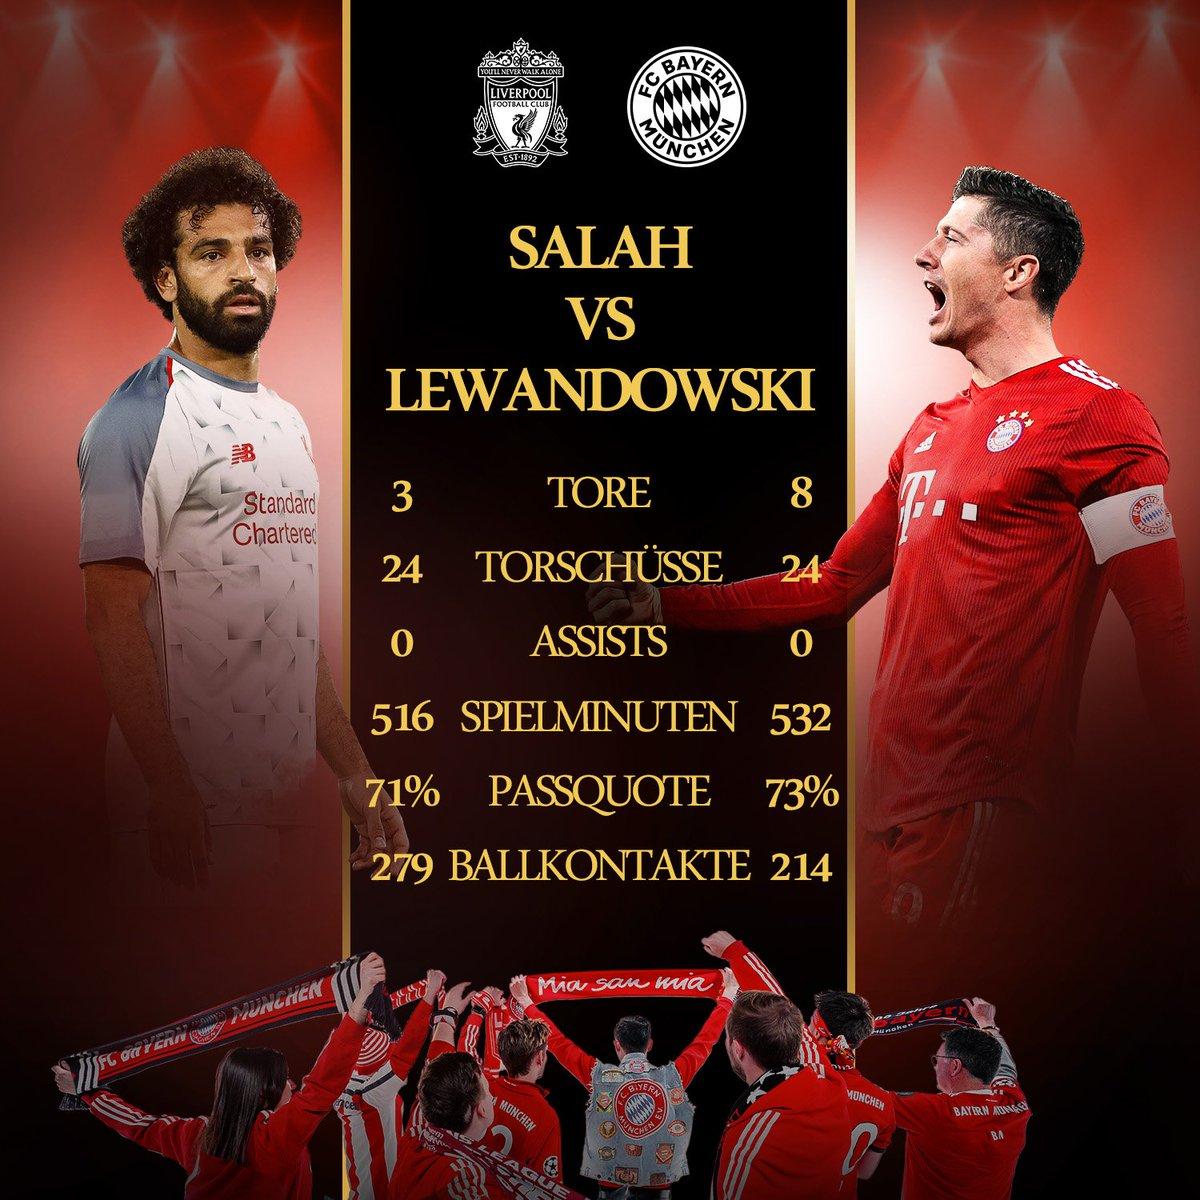 #Salah 🆚 #Lewandowski!  Wir sind heiß auf #LFCFCB! 🔥  #FCBayern #packmas